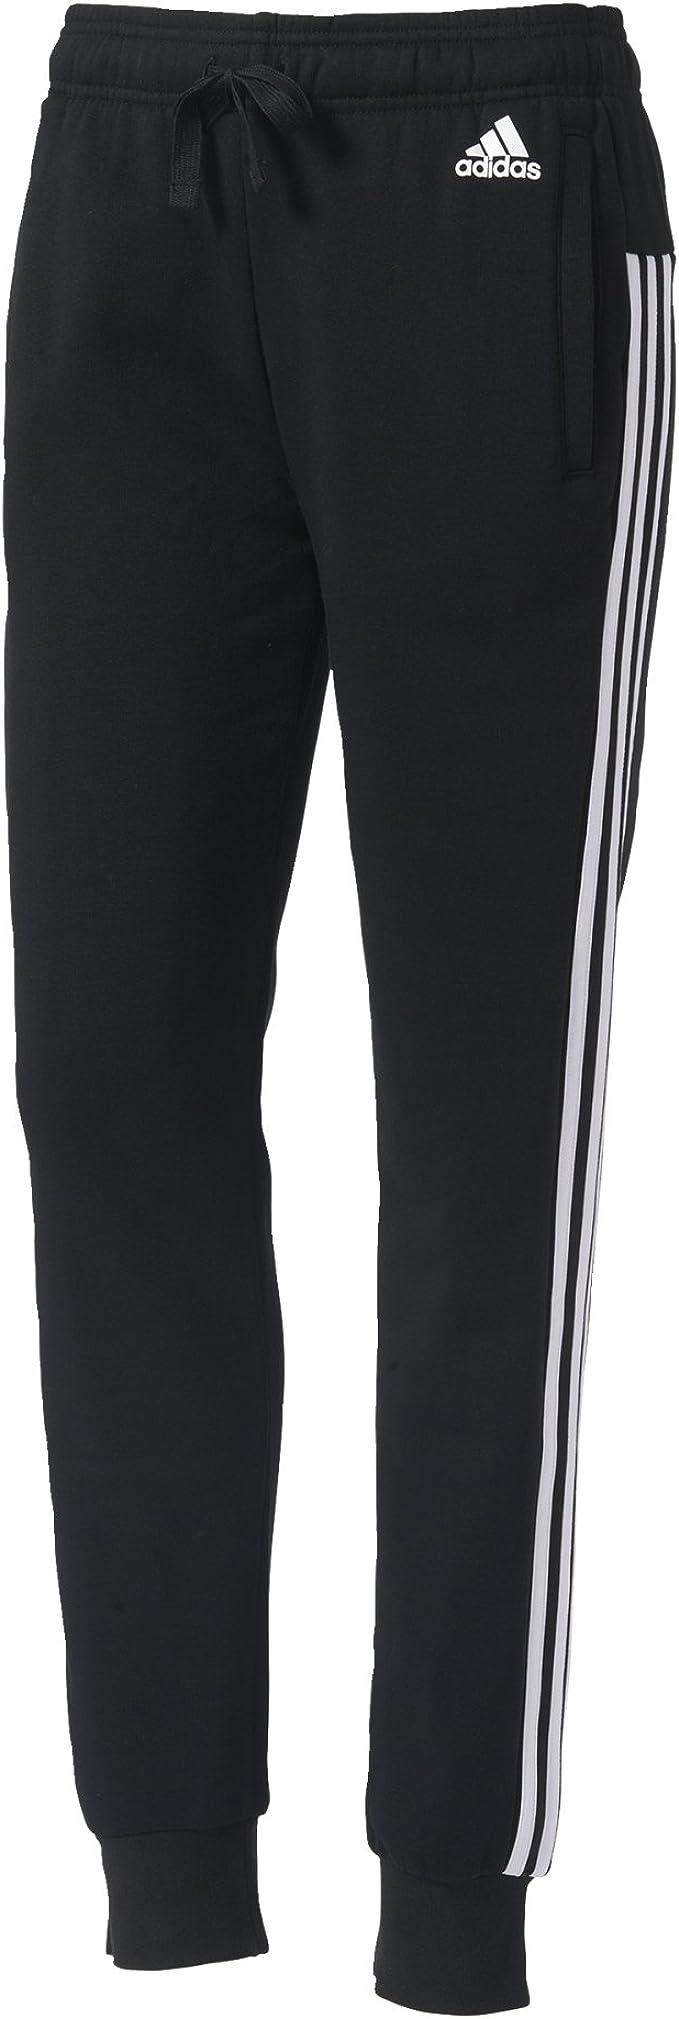 adidas S97109 Pantalón de Chándal, Mujer: Amazon.es: Ropa y ...